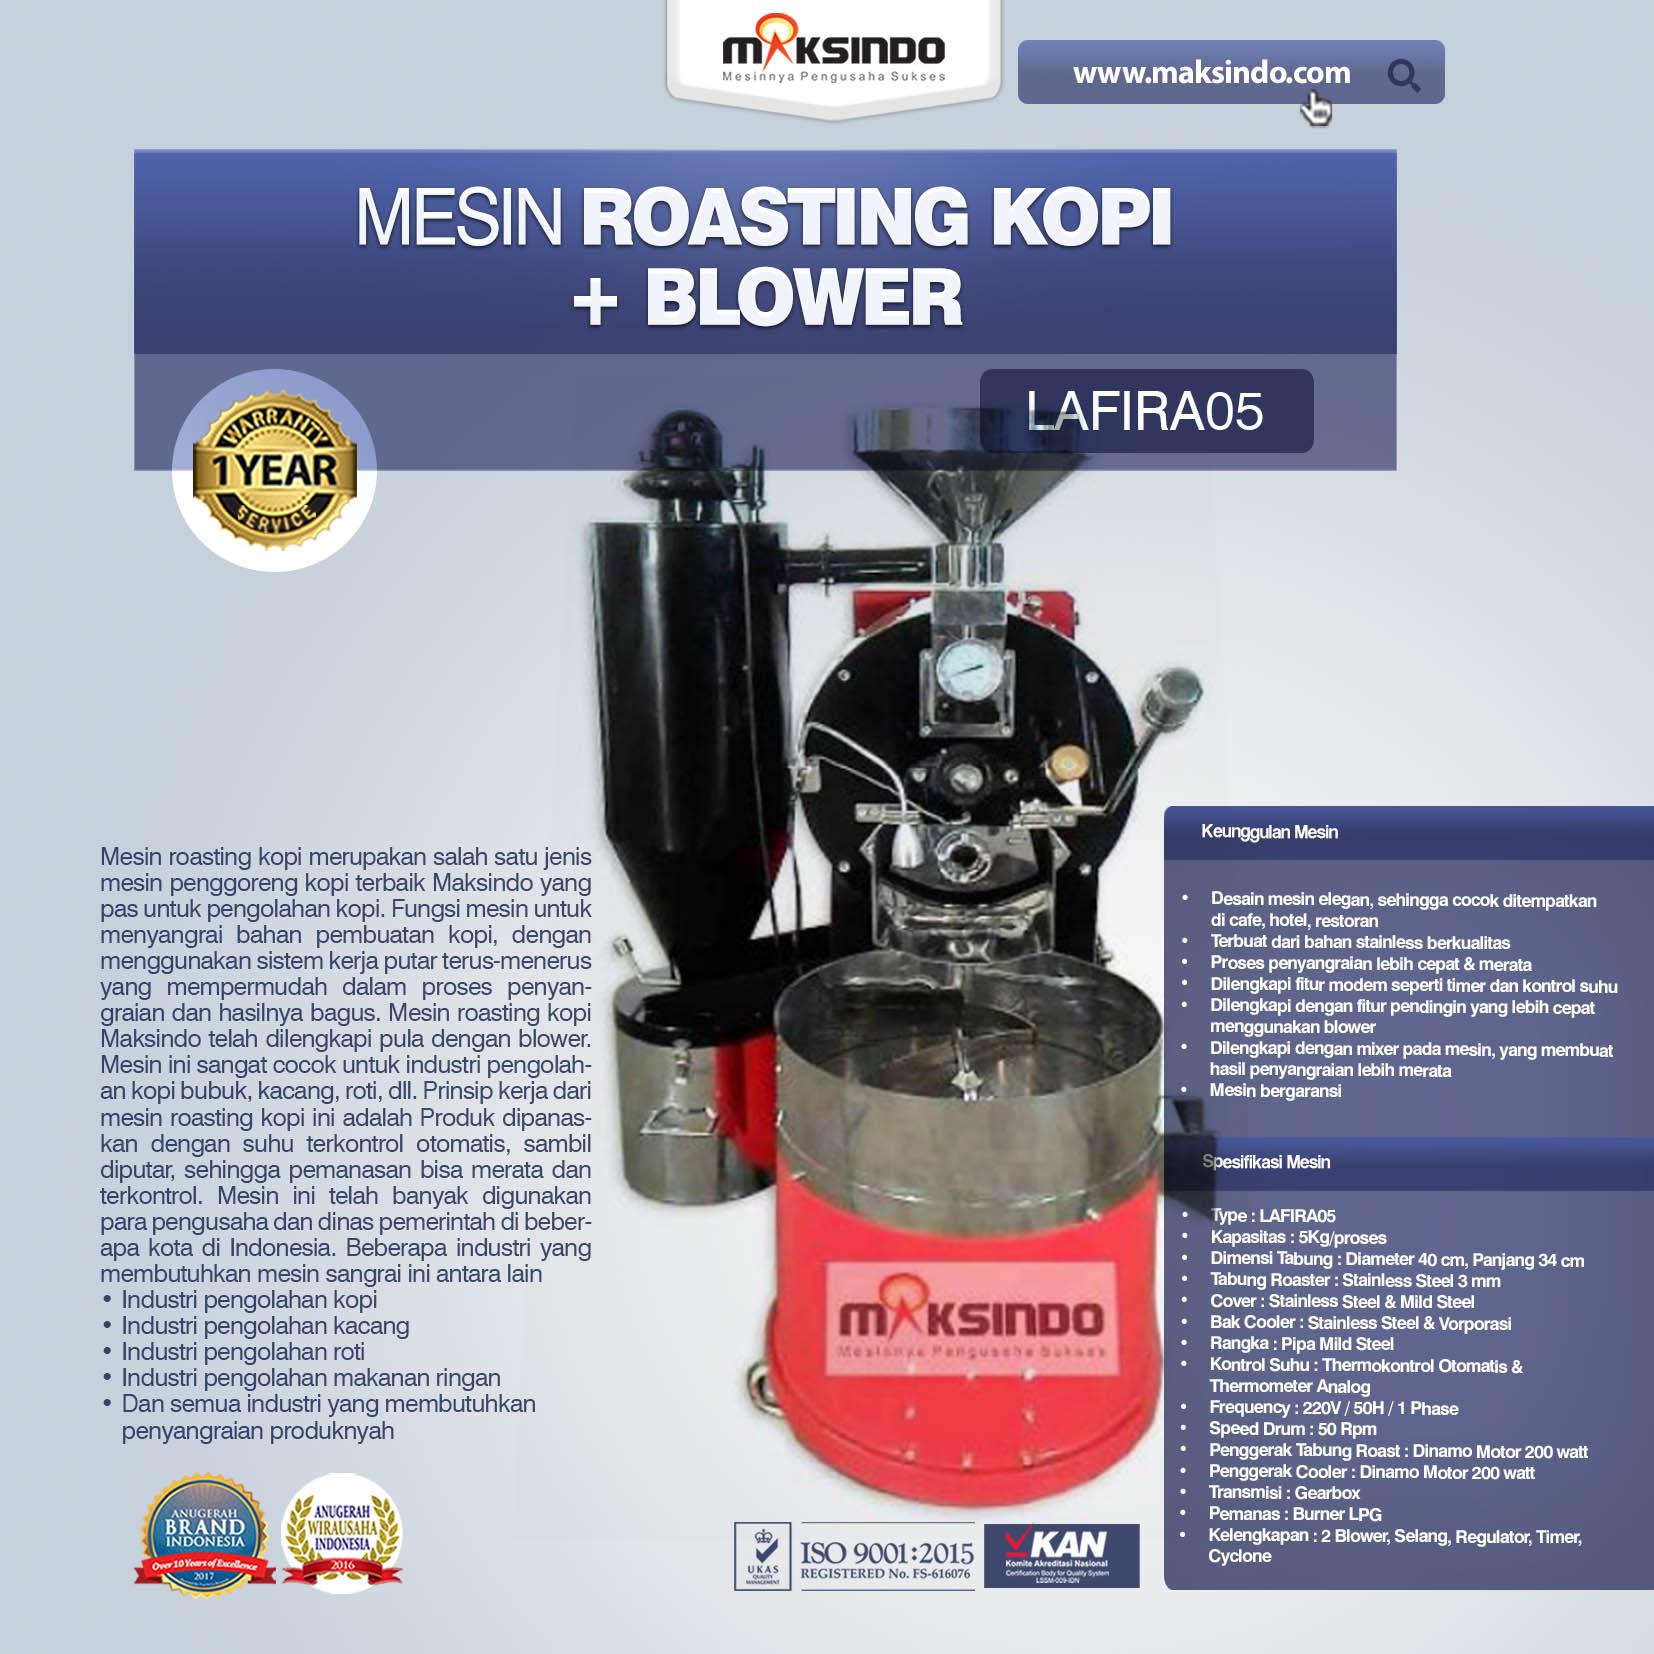 Jual Mesin Roasting Kopi + Blower LAFIRA05 di Banjarmasin